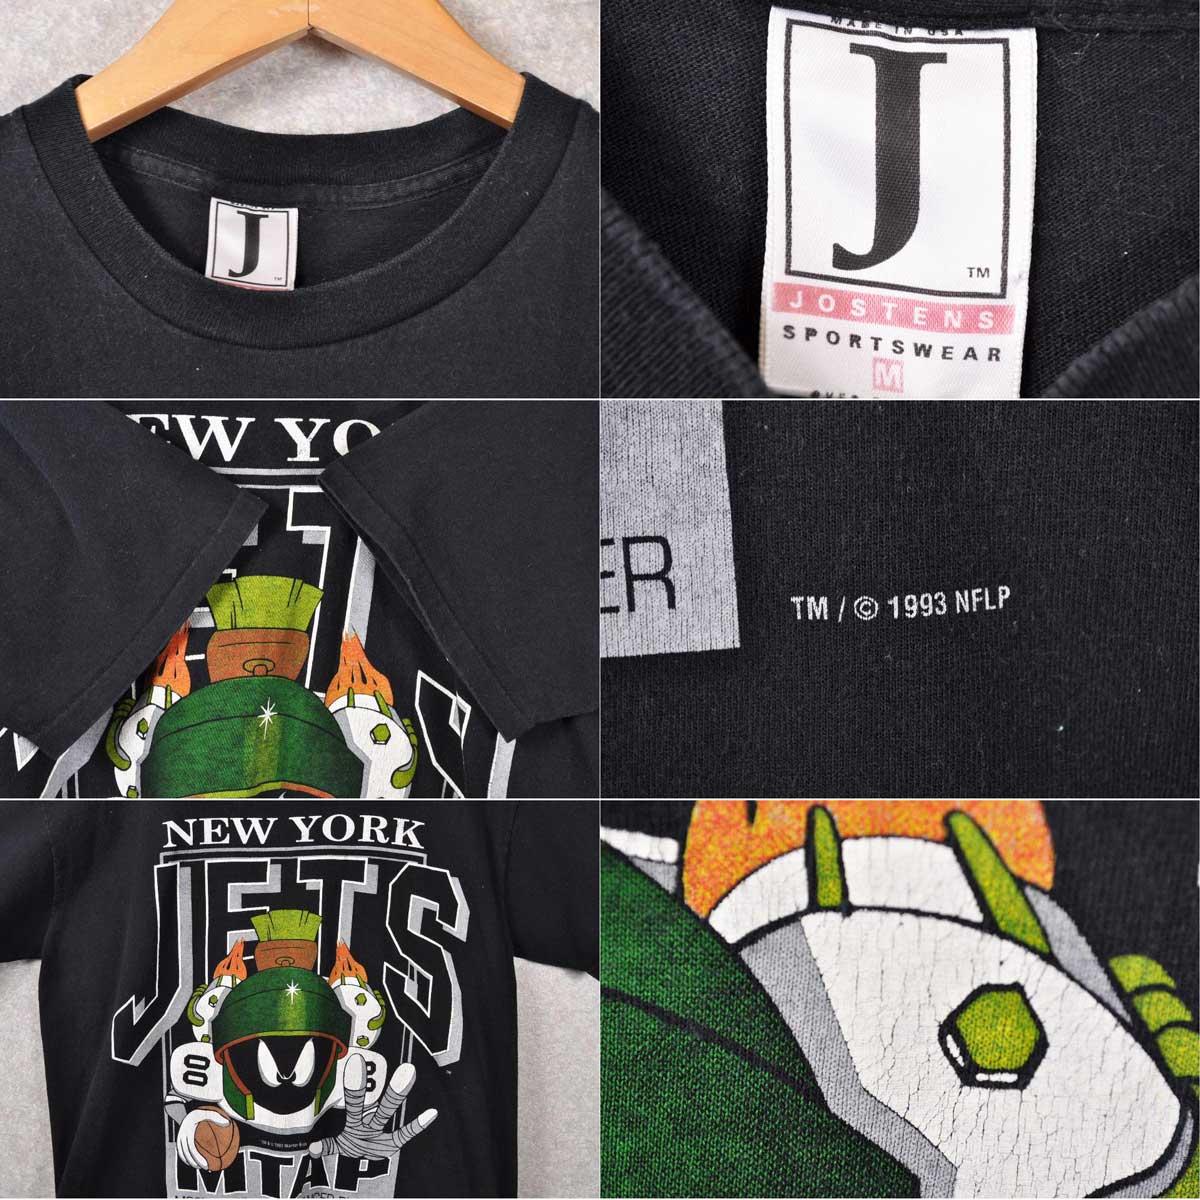 复古市场 1993 年,美国 NFL 纽约喷气机纽约喷气机 / 兔八哥兔八哥 / Marvin 火星人 / 黑色短袖 t 恤 / 男装